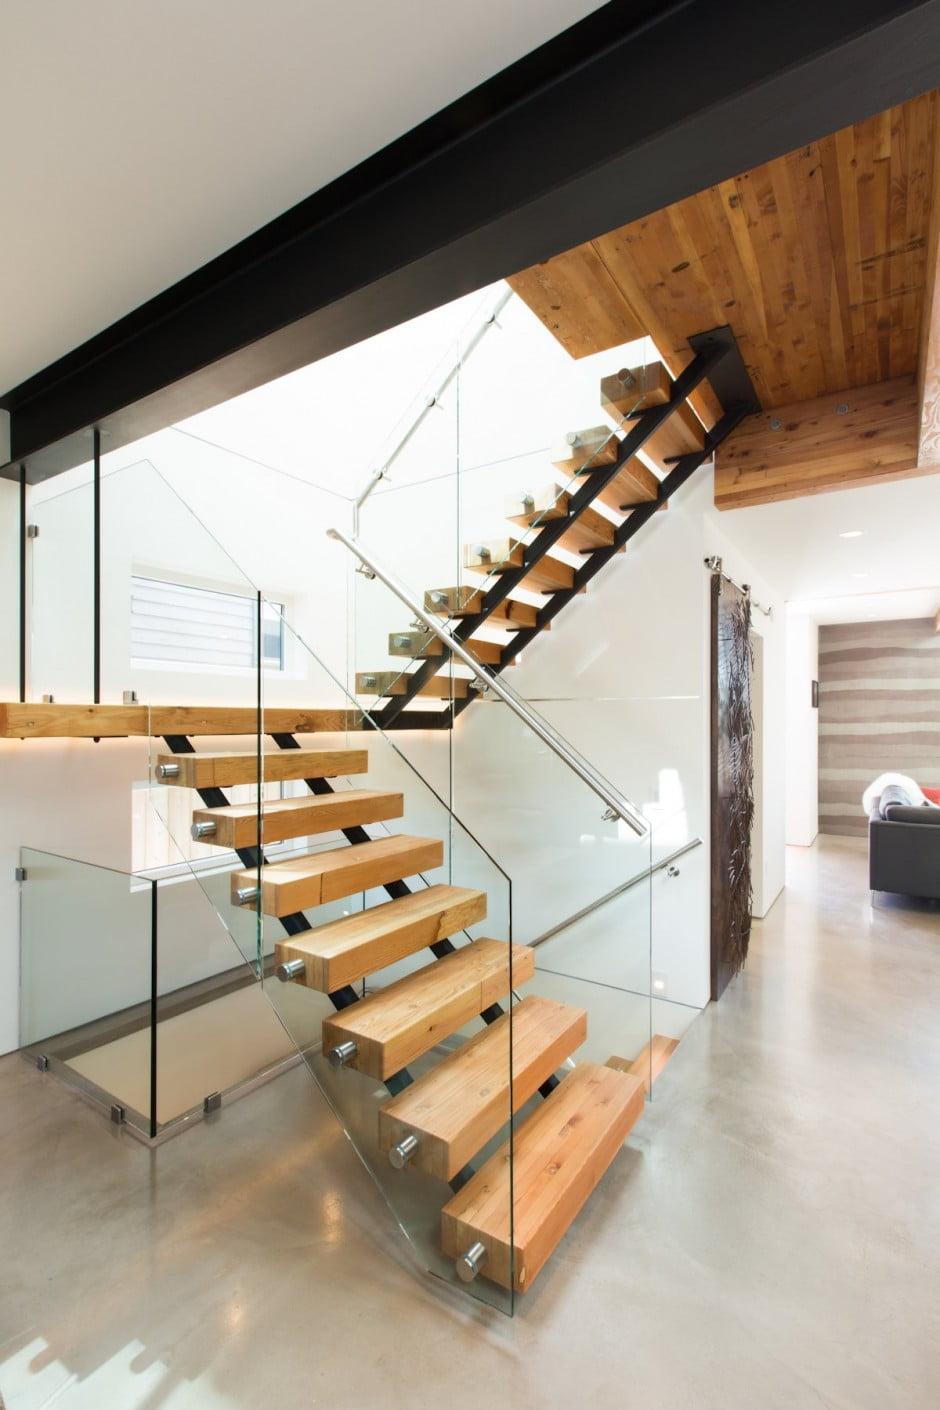 Diseño de escaleras modernas que permite el paso de la luz a través de los peldaños de madera